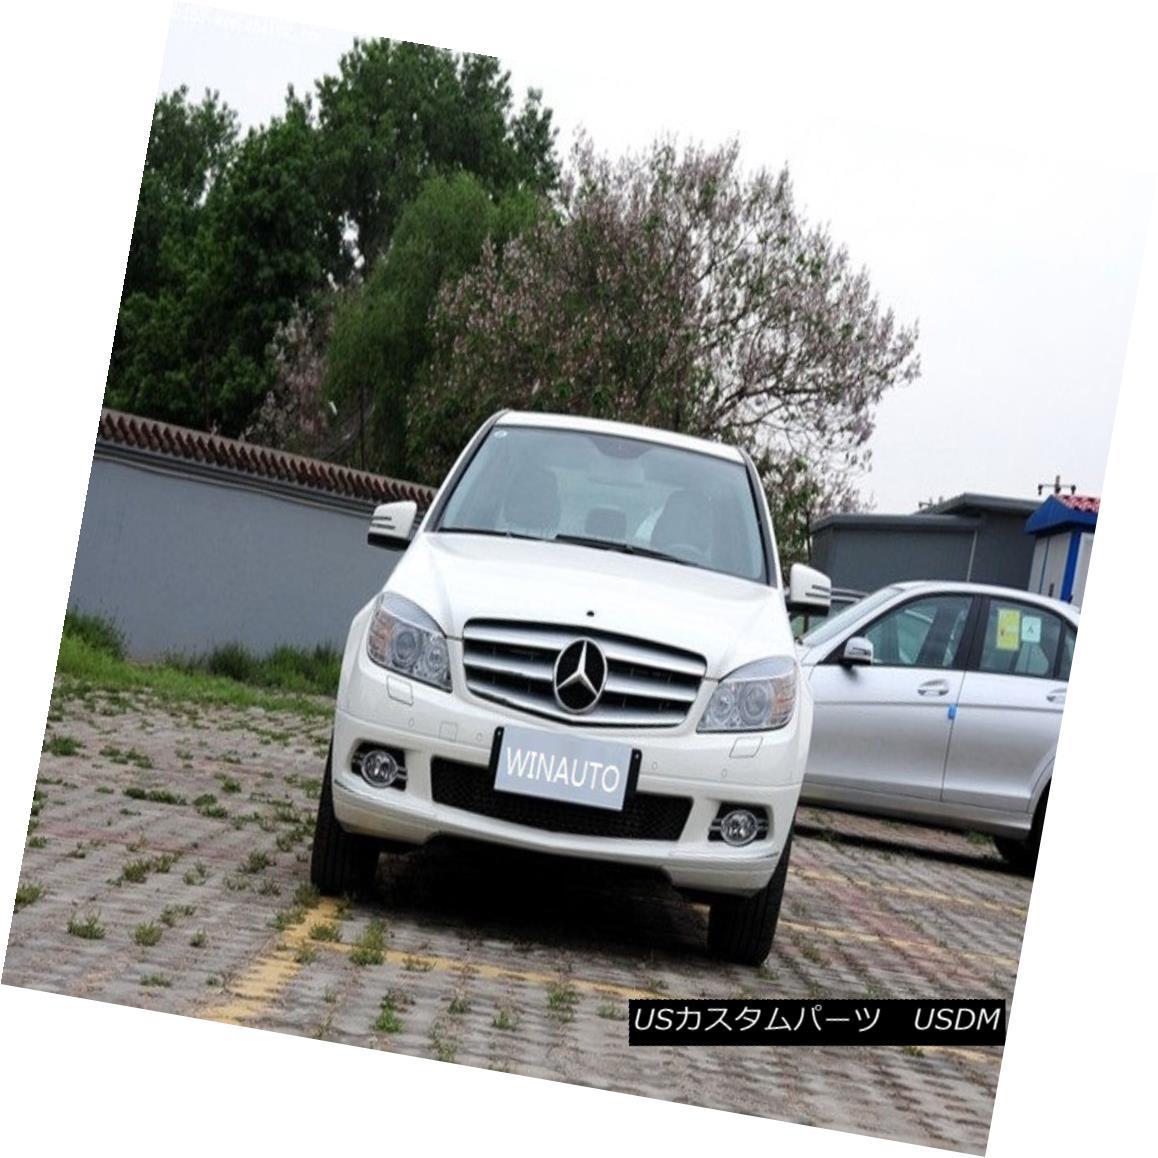 エアロパーツ DRL Parts LED Driving Daytime Running Light For Benz W204 C200 C260 C300 08-10 DRLパーツベンツW204 C200 C260 C300 08-10用昼間走行灯を駆動するLED